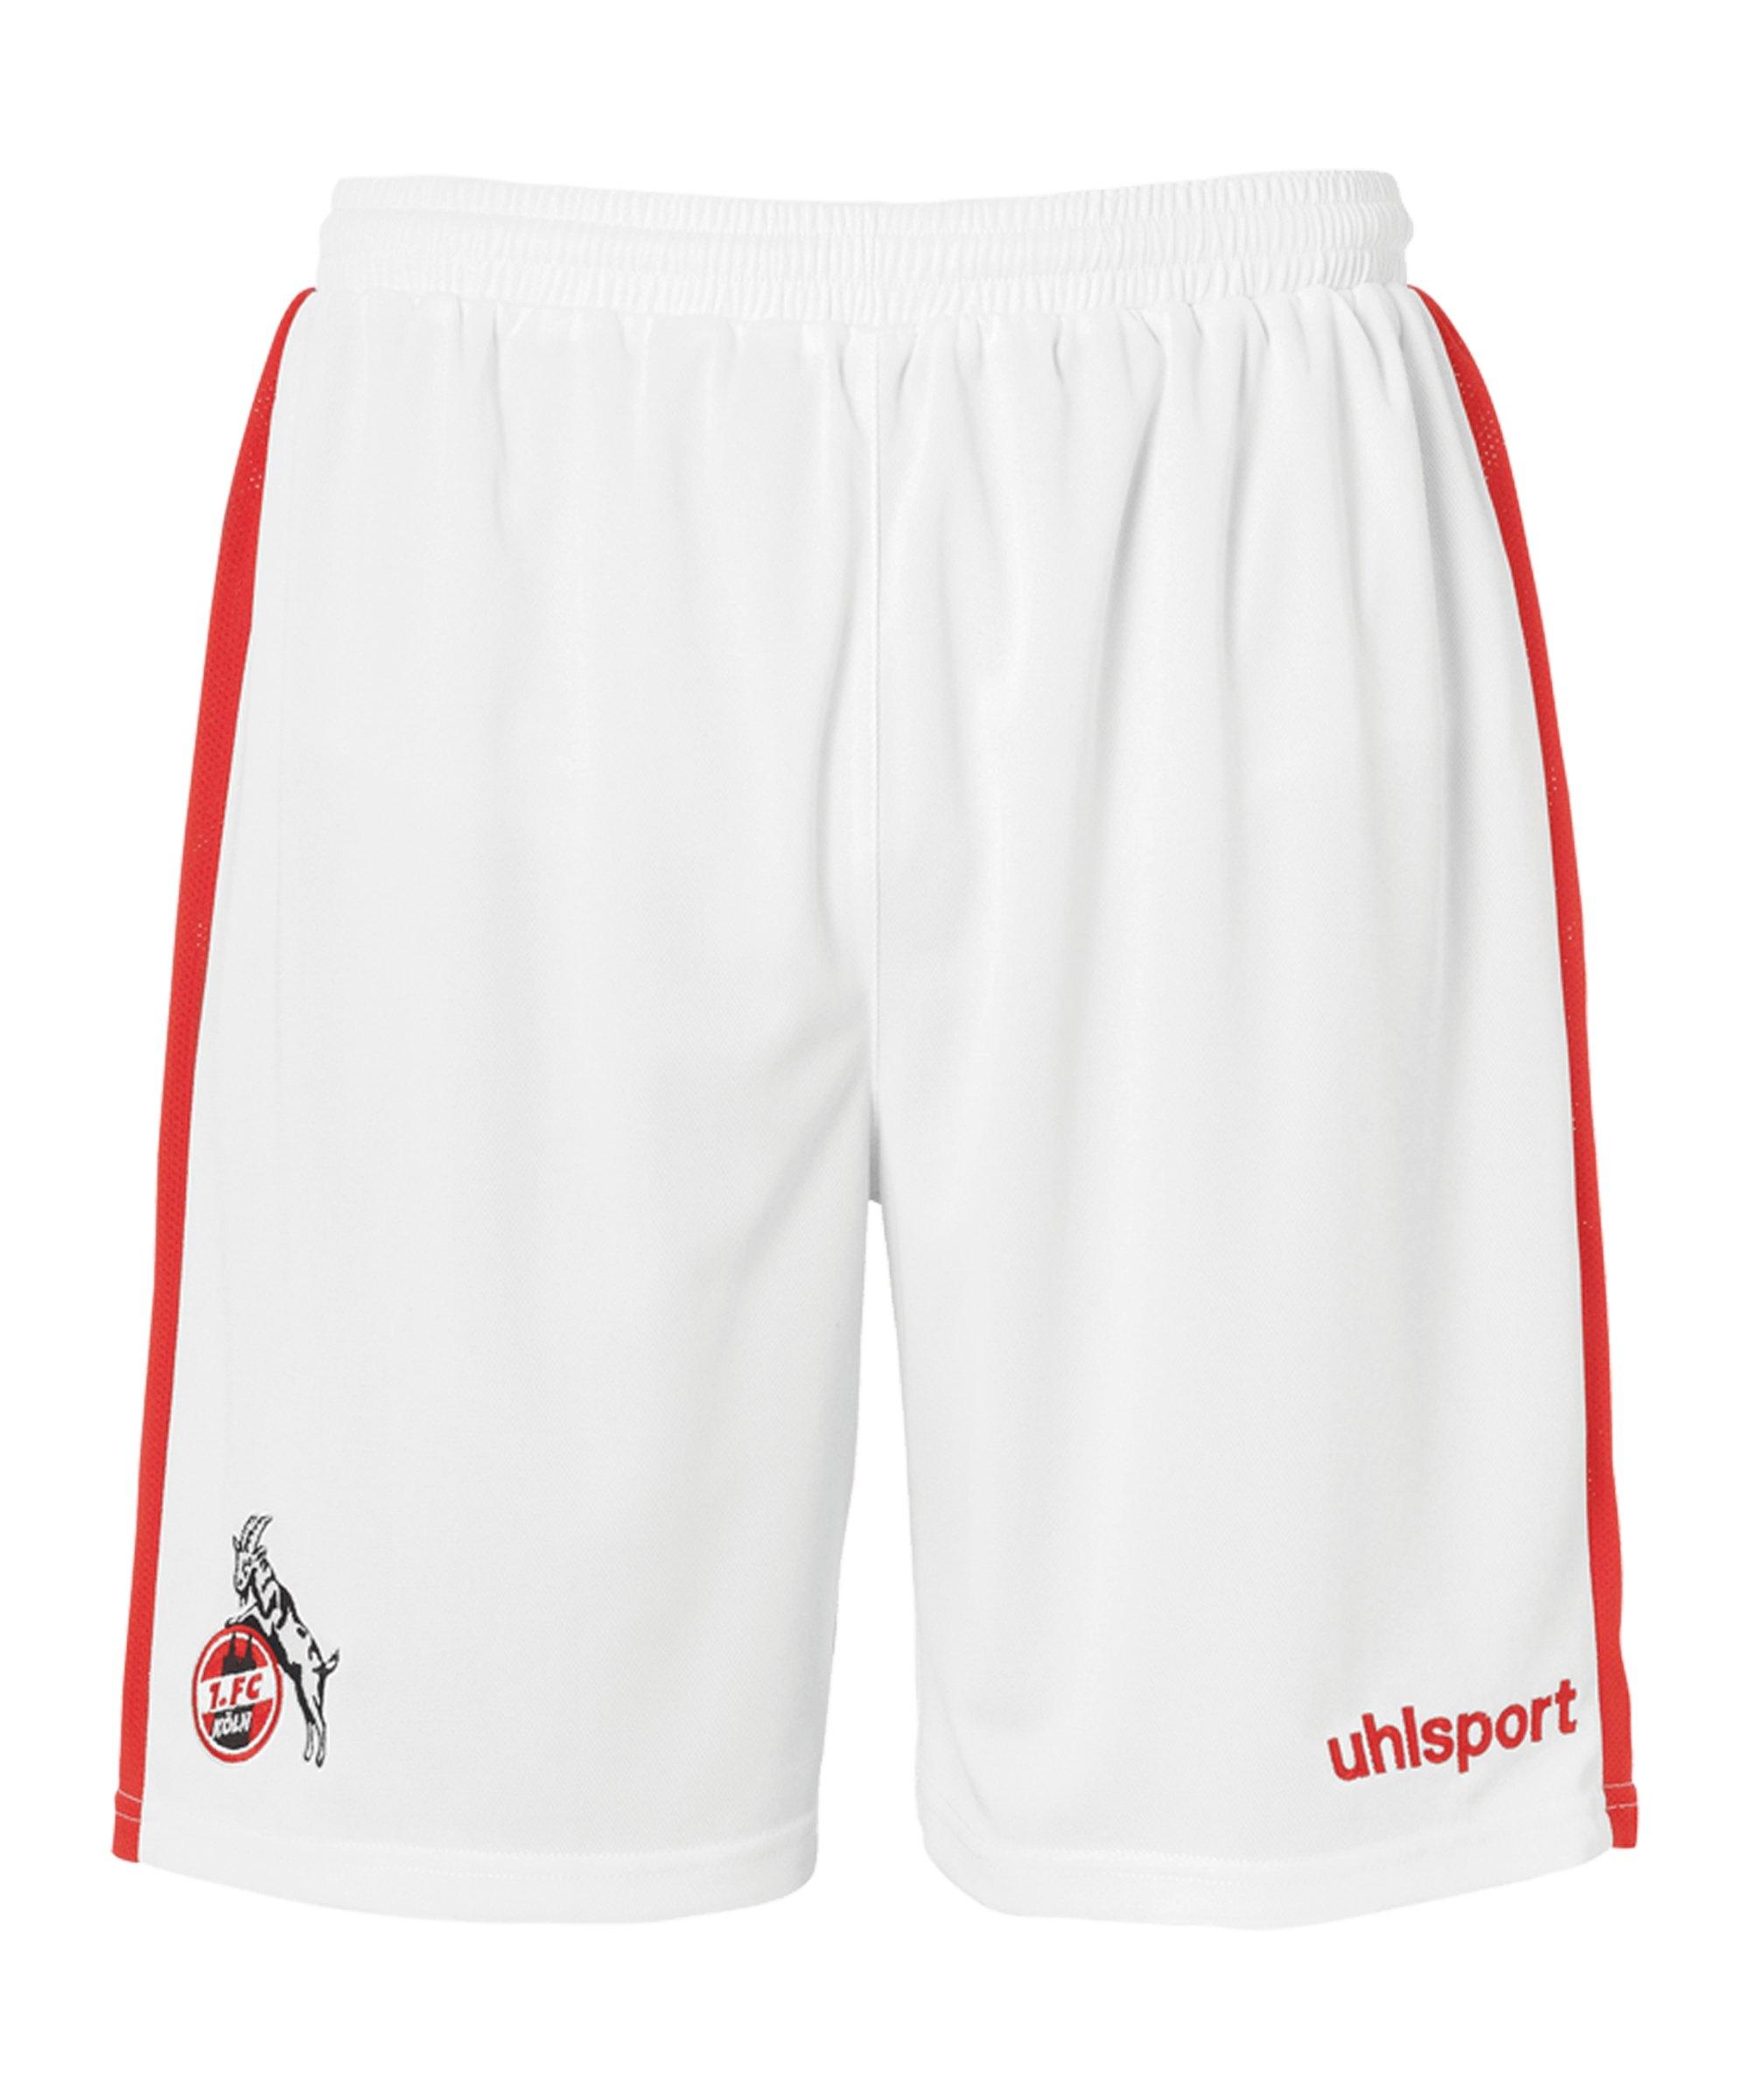 Uhlsport 1. FC Köln Short Home 2020/2021 - weiss